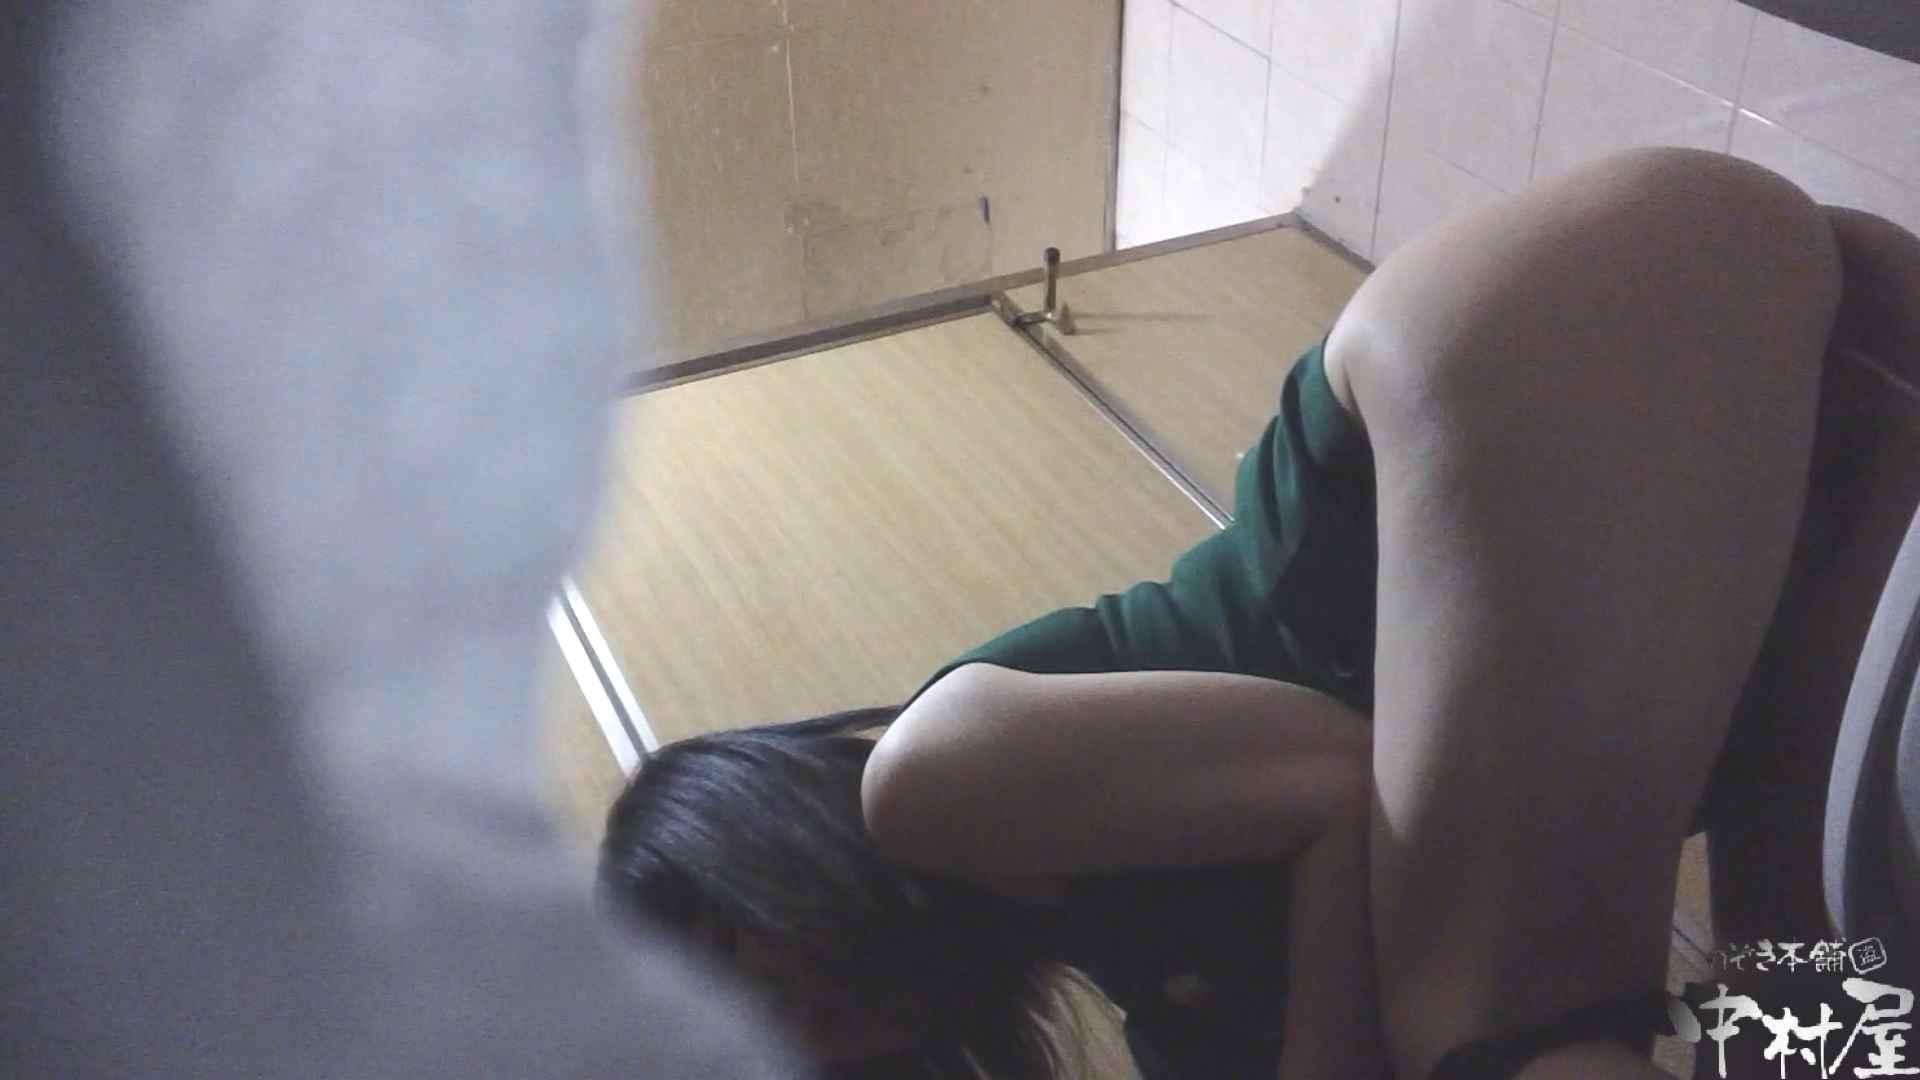 韓流トイレ盗撮vol.12 トイレ 盗撮 107PIX 76